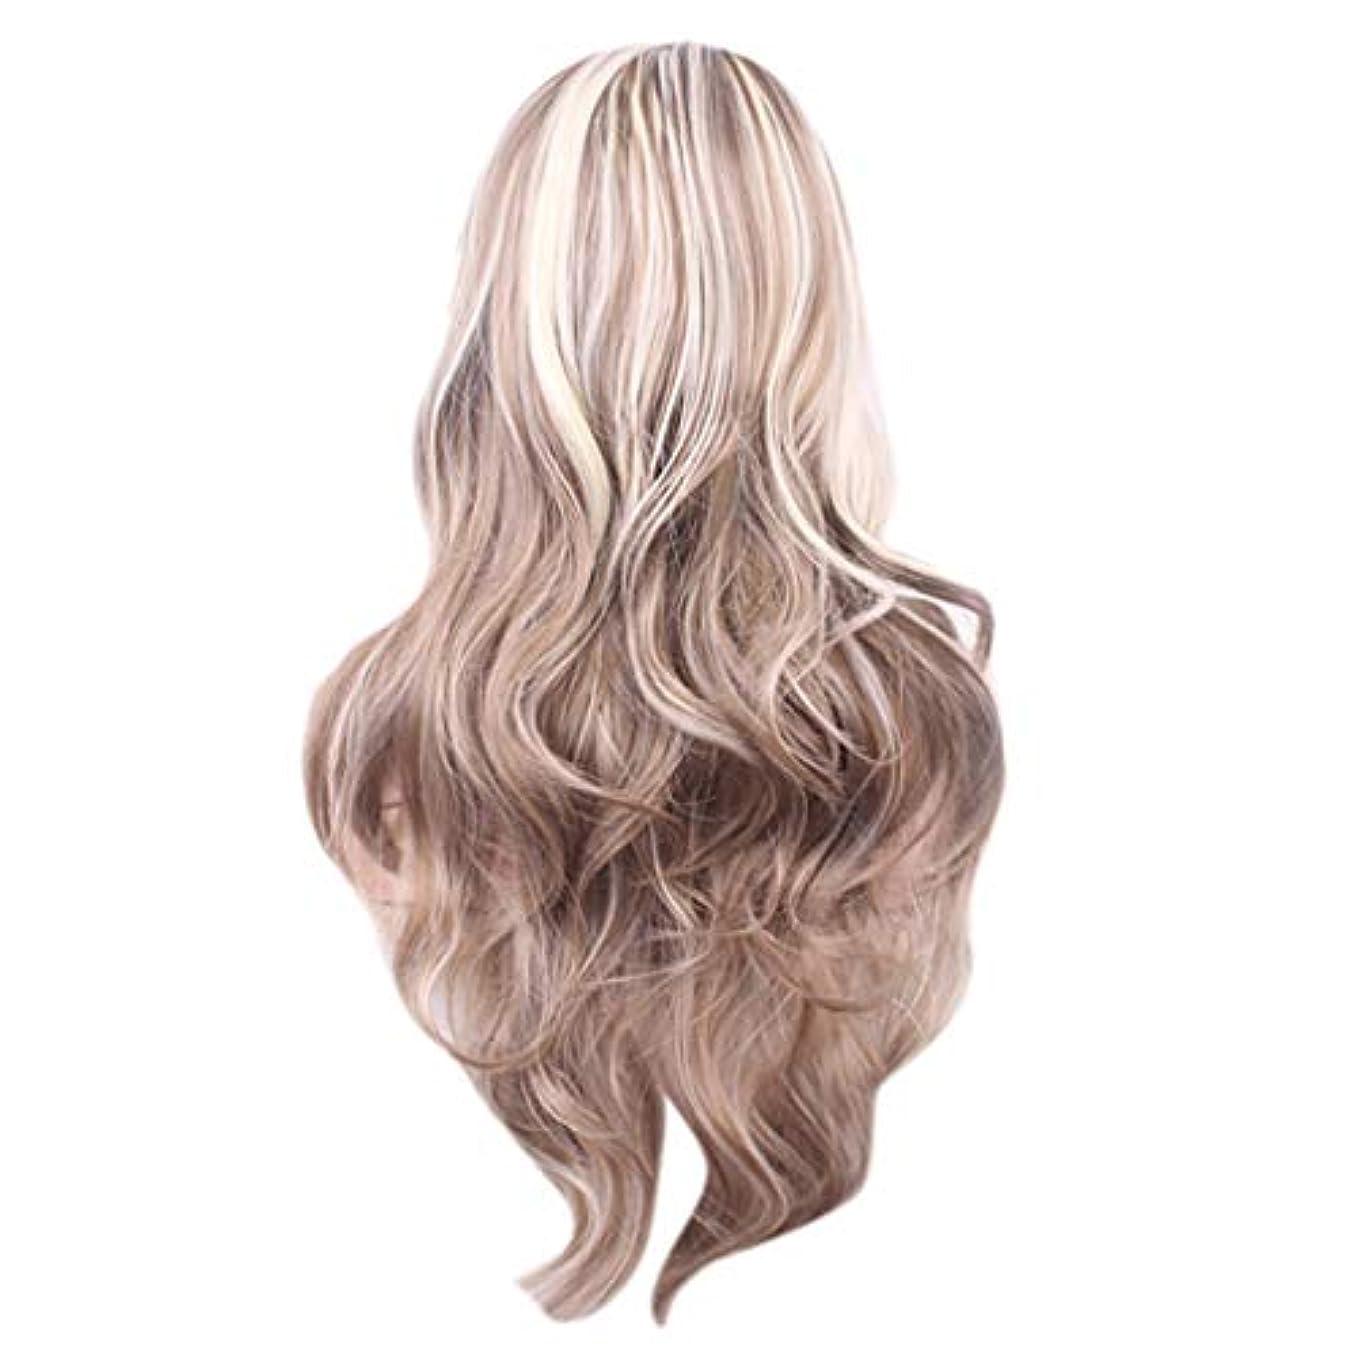 気まぐれな疑わしい拷問女性のセクシーな長い巻き毛のかつら70センチウィッグ